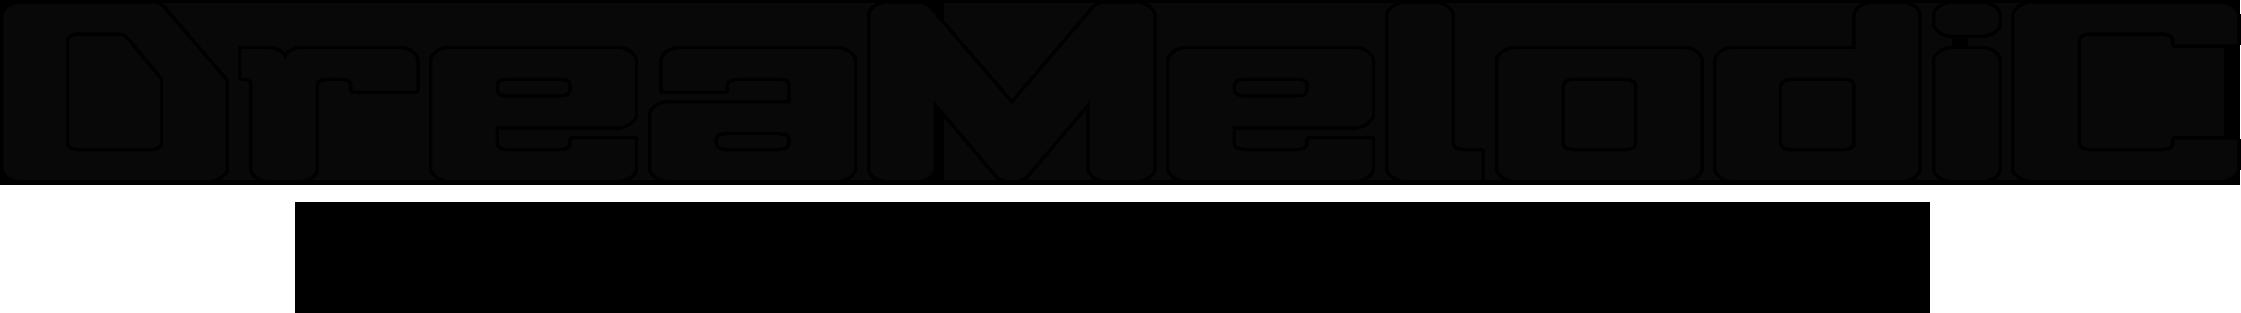 לוגו שחור DreaMelodiC New Font Logo 2016